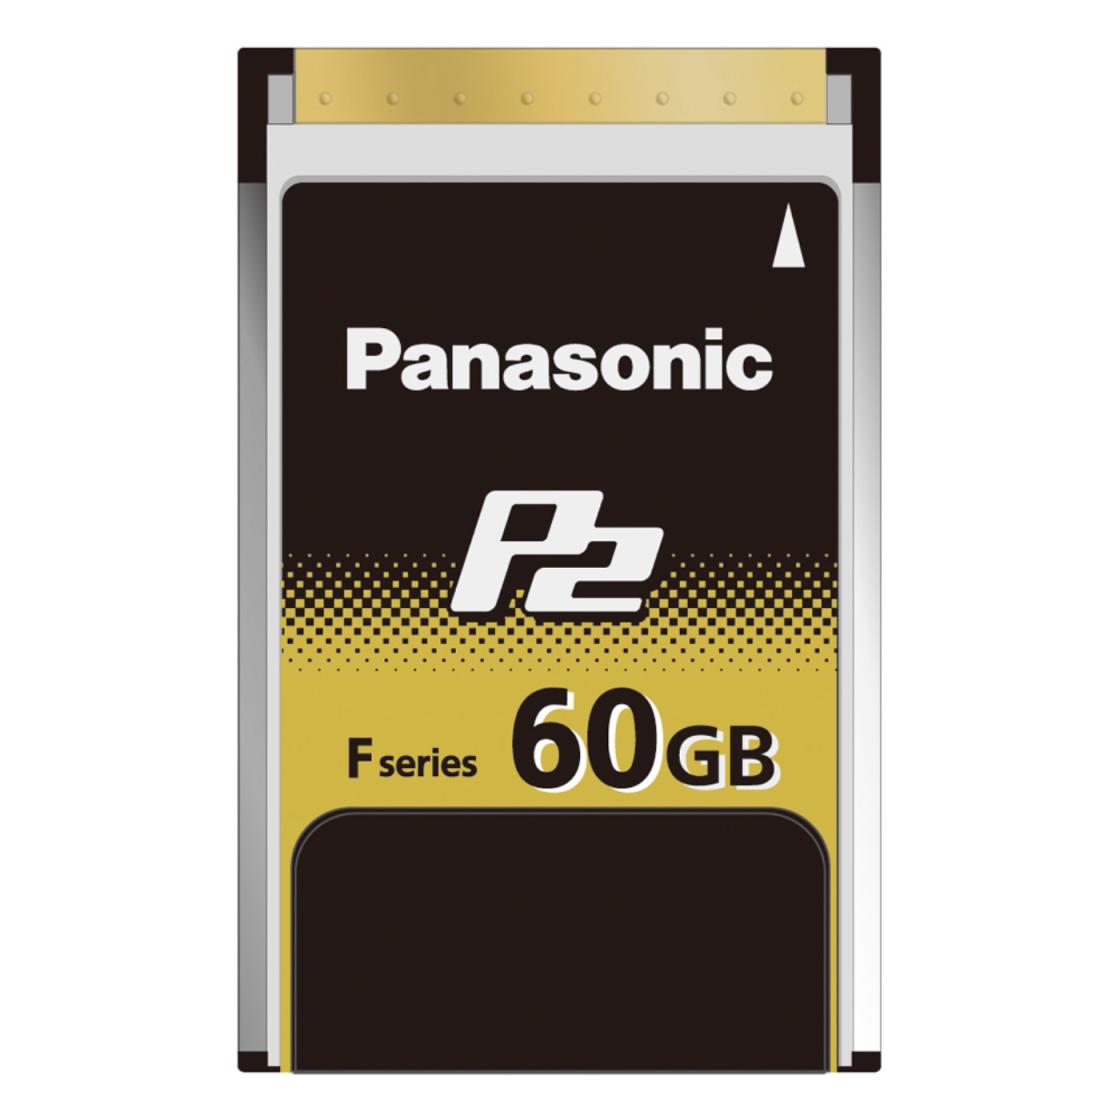 Panasonic Panasonic Card AJ-P2E060FG 60 GB P2-Speicherkarte F-Series